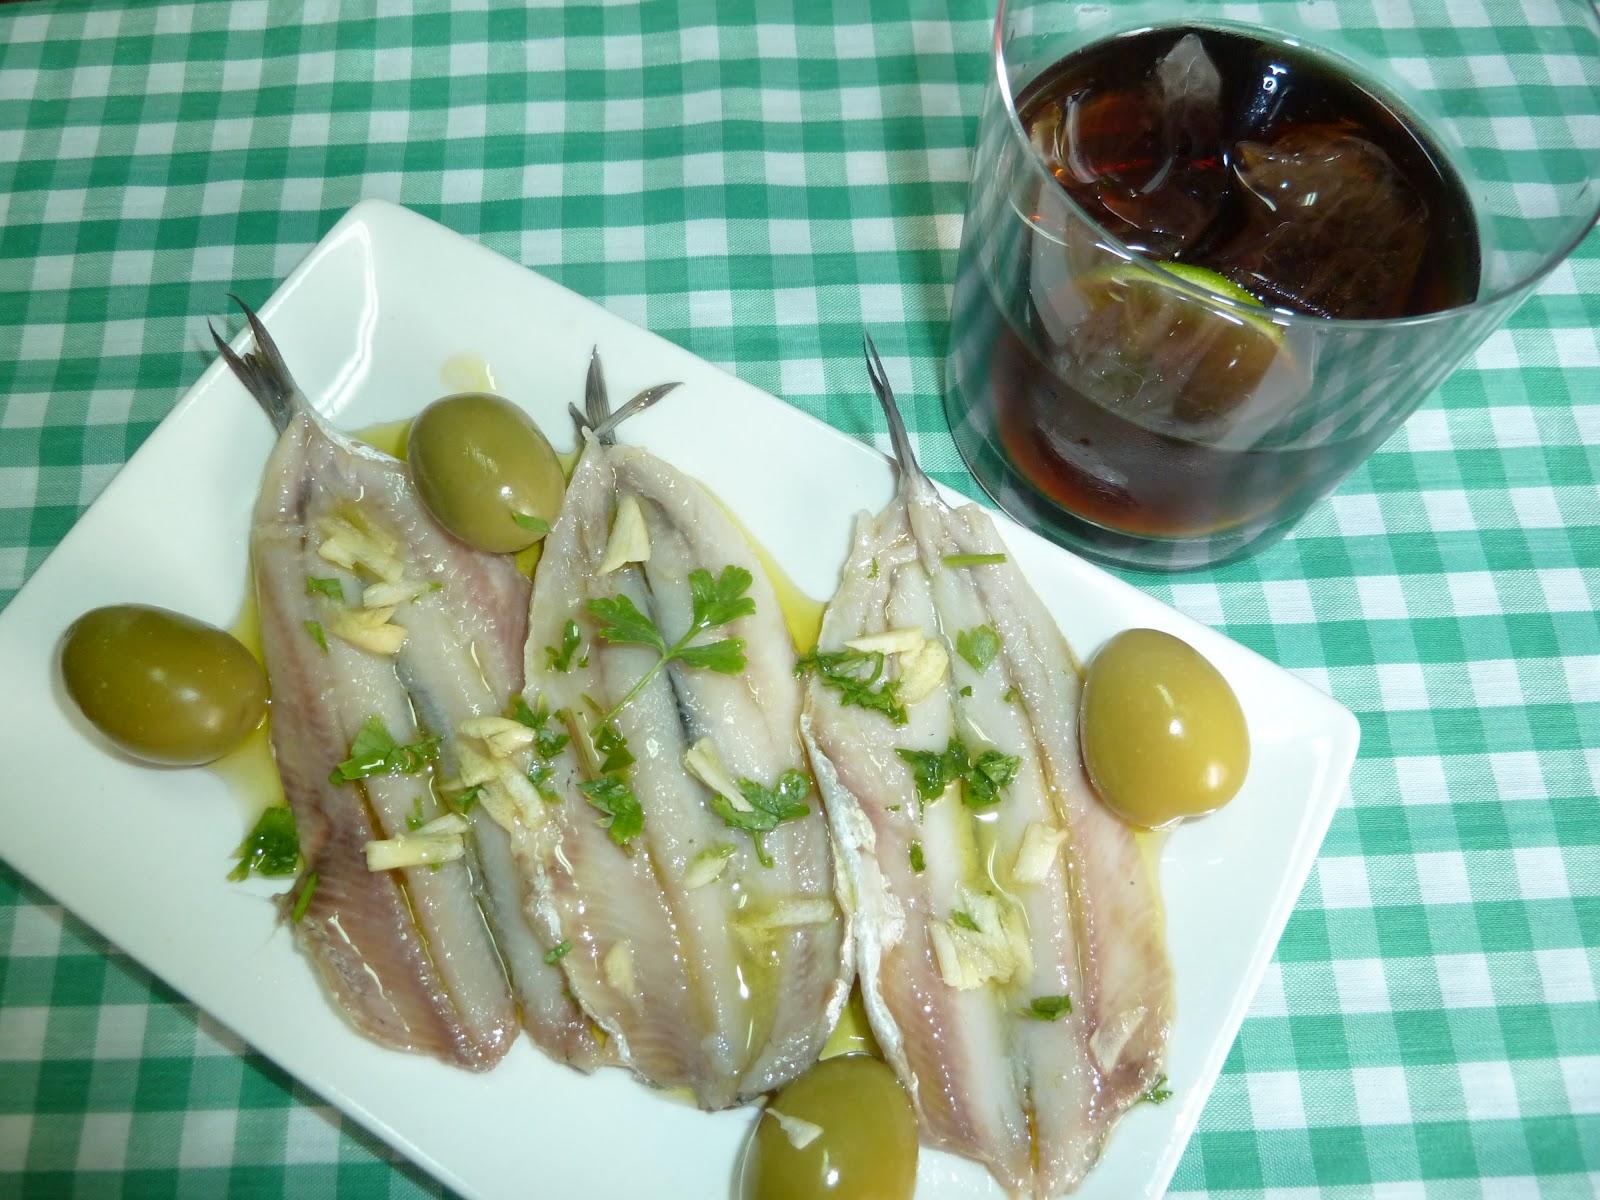 La cocina de sariqui hora del vermut boquerones en vinagre - Boquerones en vinagre duros ...